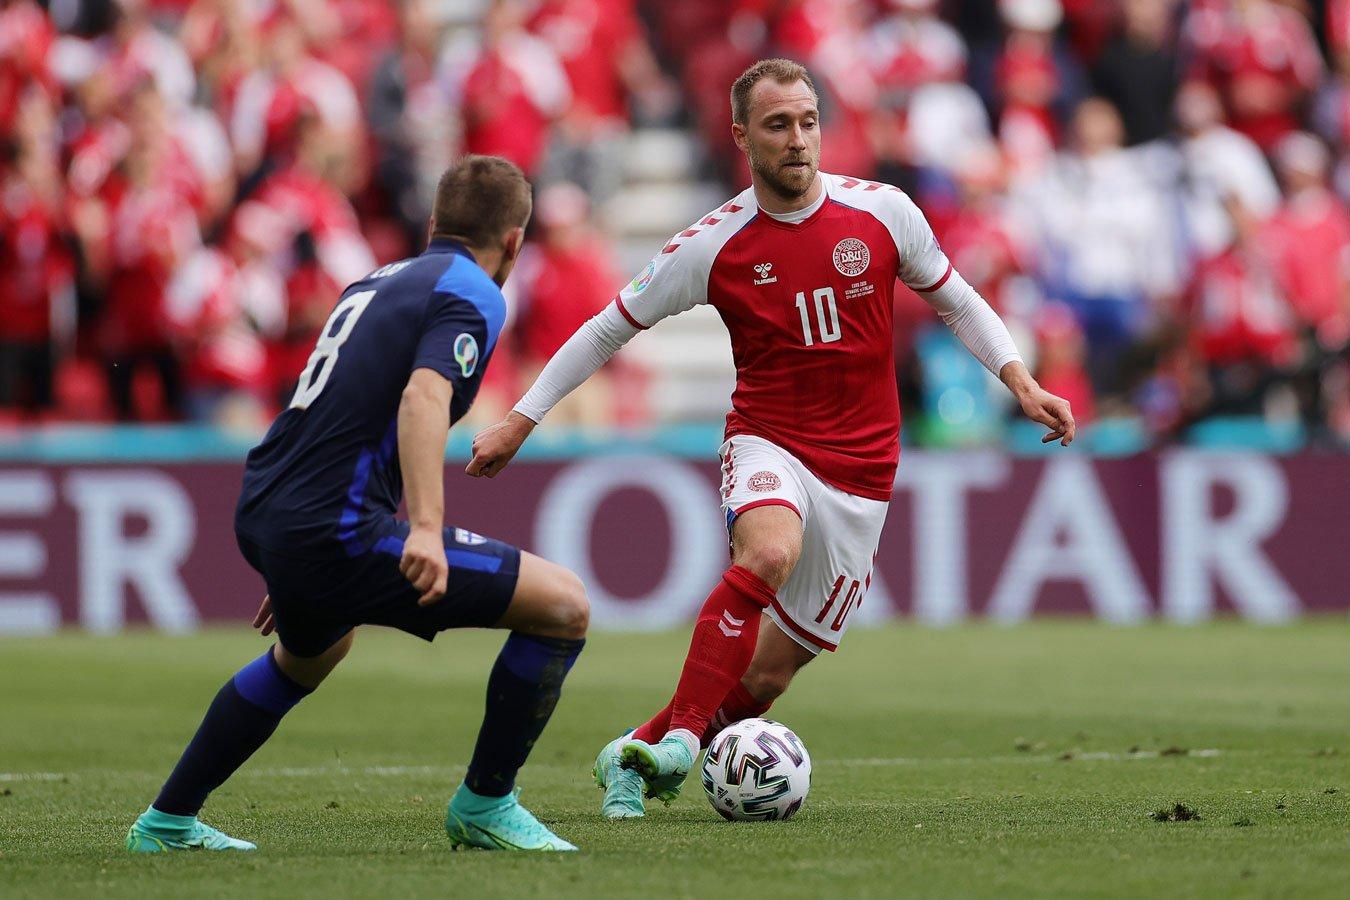 Кристиан Эриксен стал игроком матча Дания  Финляндия